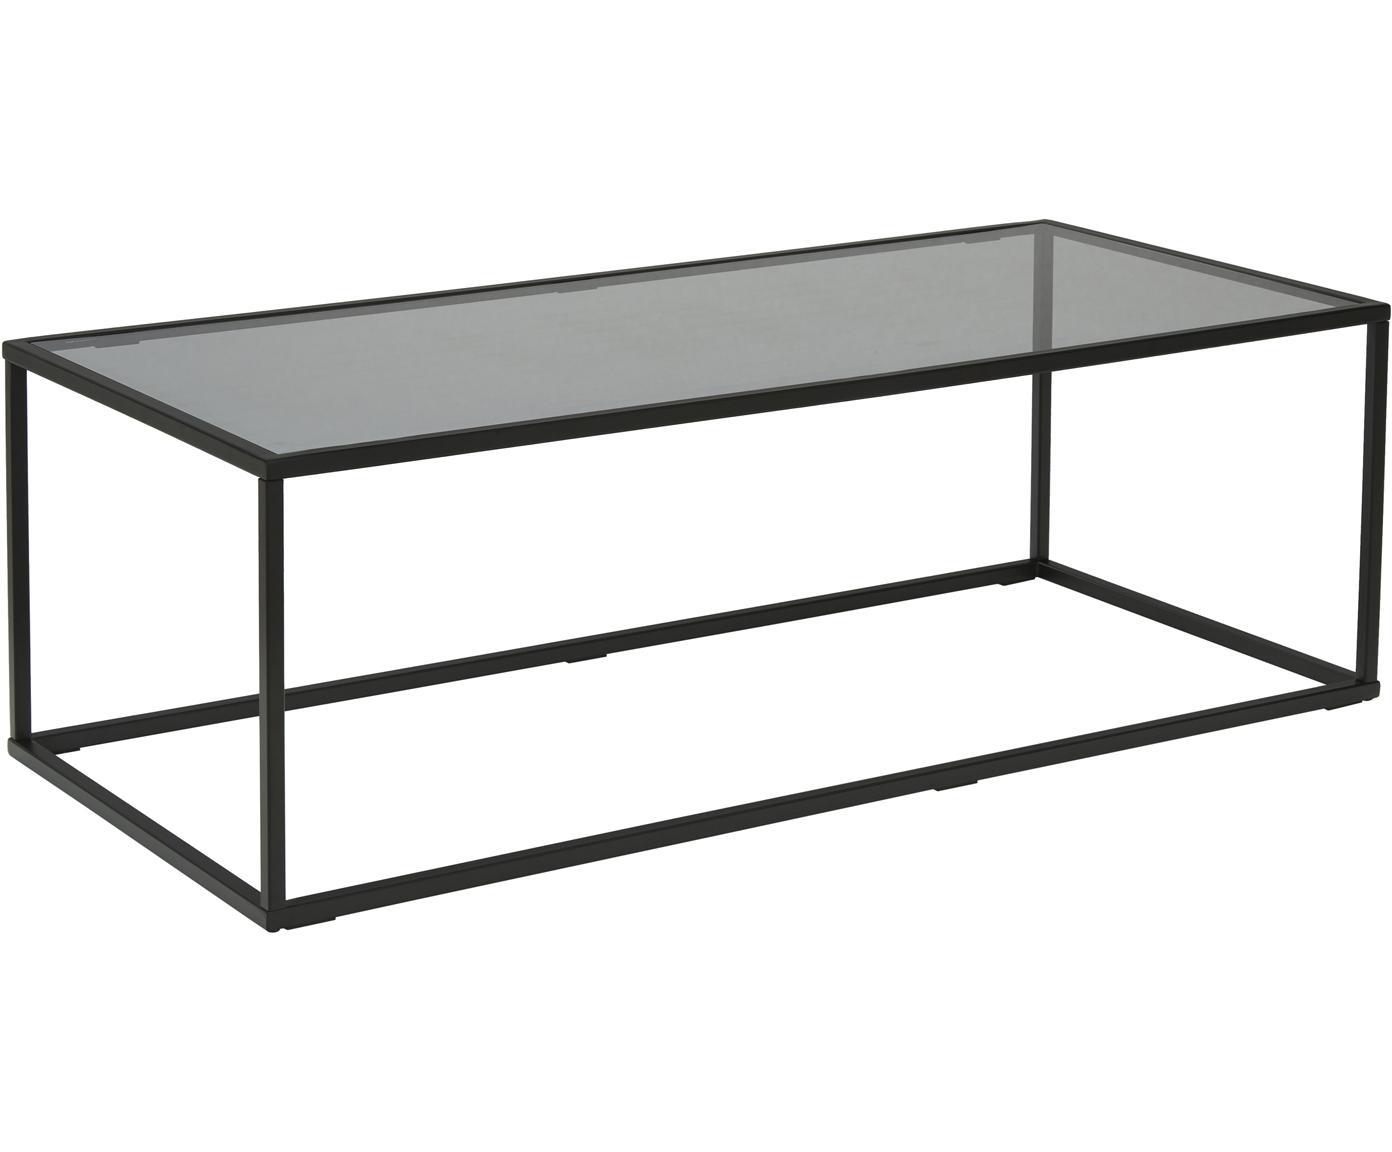 Salontafel Maya met glazen tafelblad, Tafelblad: veiligheidsglas, Frame: gepoedercoat metaal, Tafelblad: zwart getint glas. Frame: mat zwart, B 110 x D 50 cm